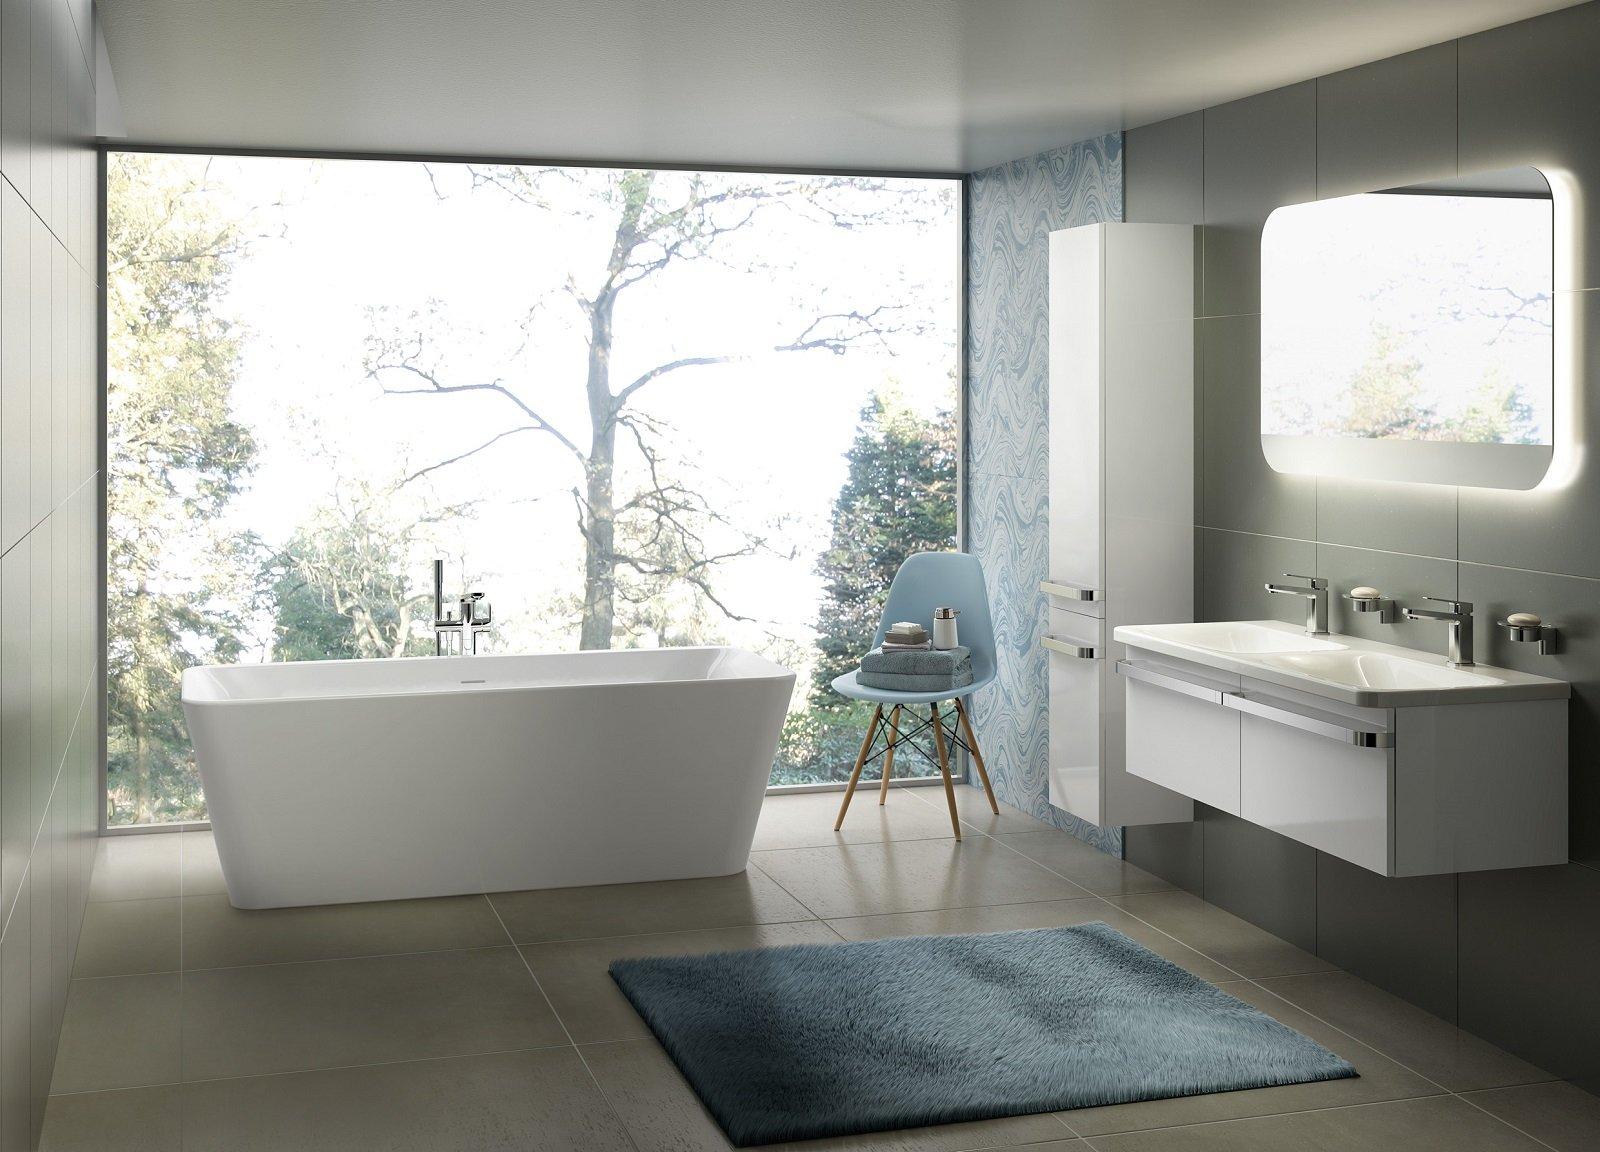 Vasche a libera installazione protagoniste del bagno - Vasca da bagno libera installazione ...